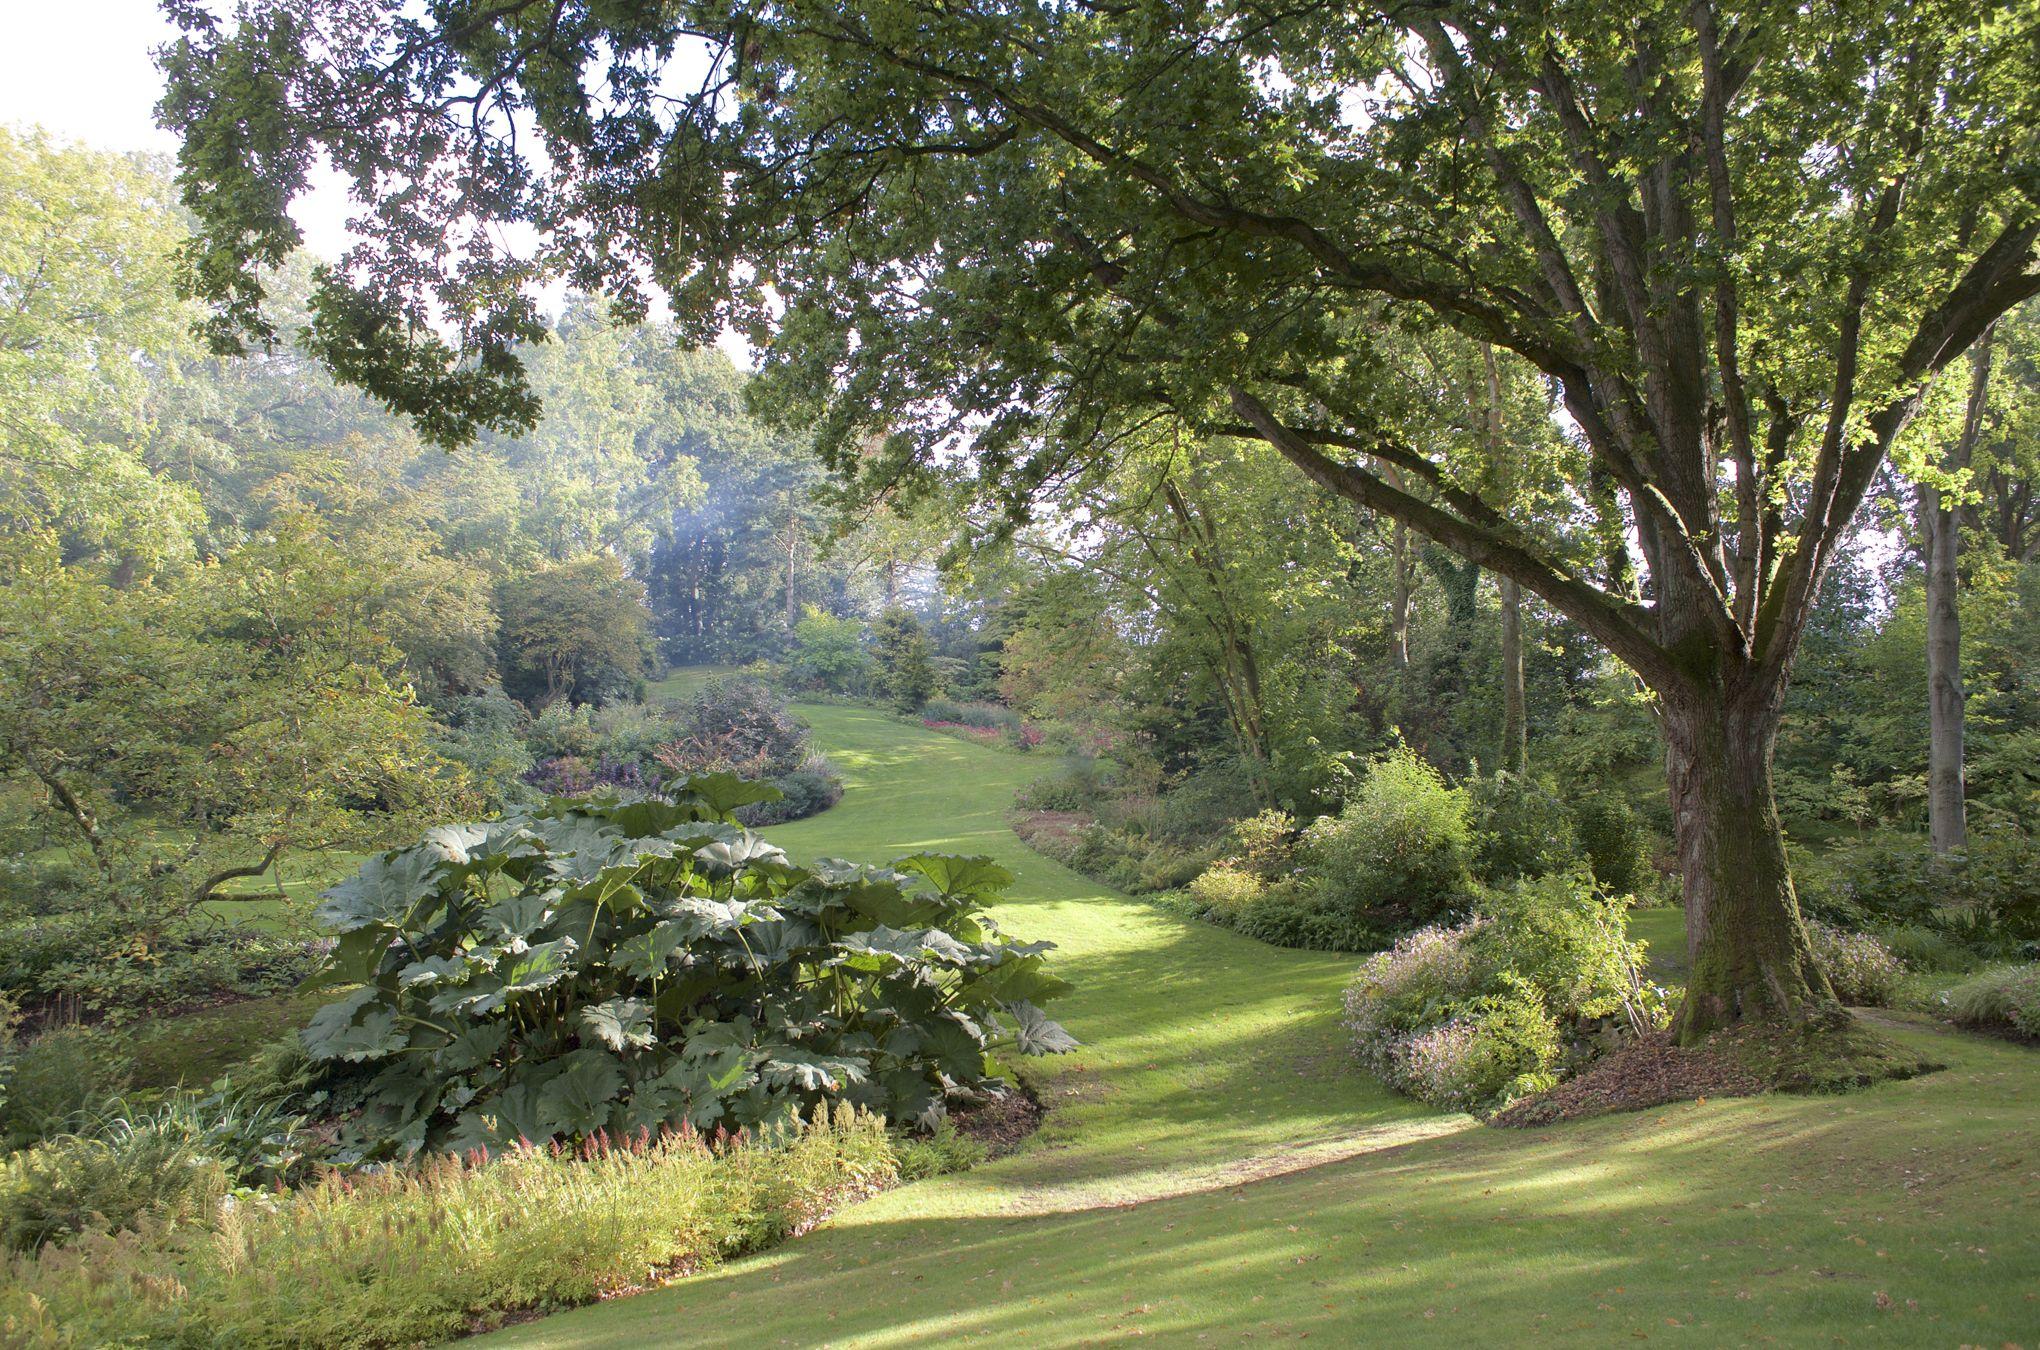 Jardin du vasterival r gate sur une mer de velours vert for Jardin du pic vert